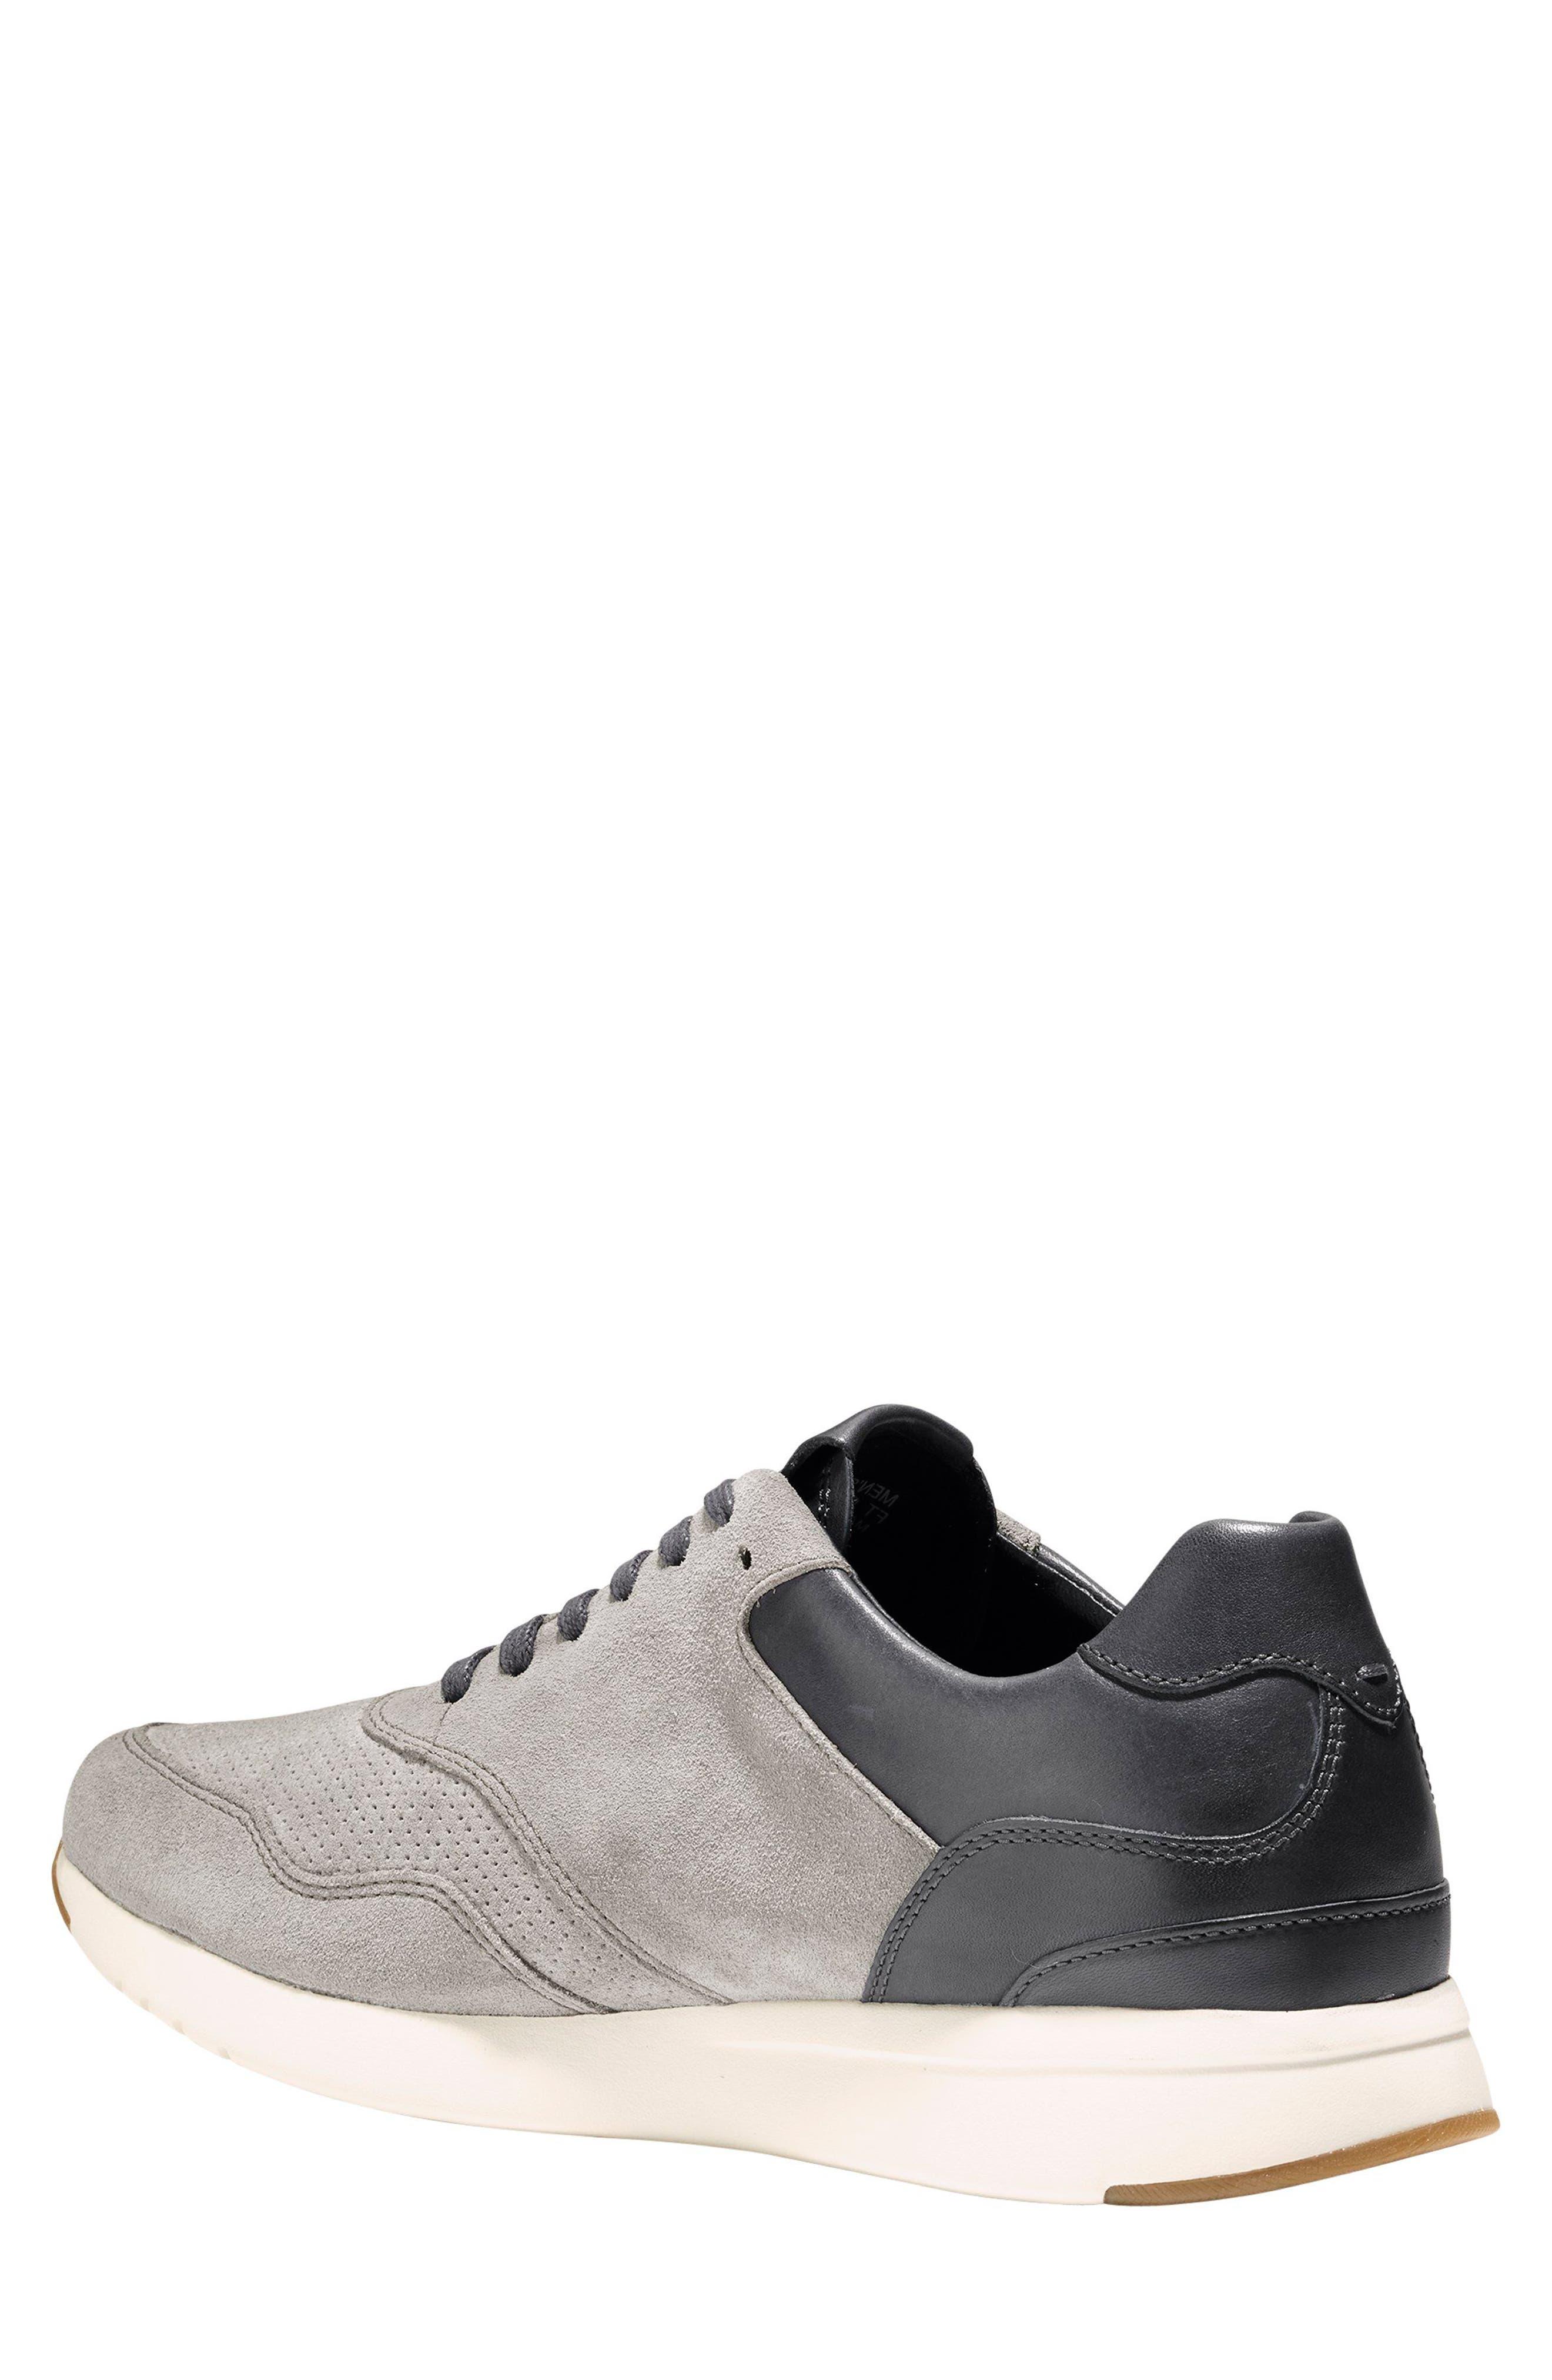 GrandPro Runner Sneaker,                             Alternate thumbnail 2, color,                             020